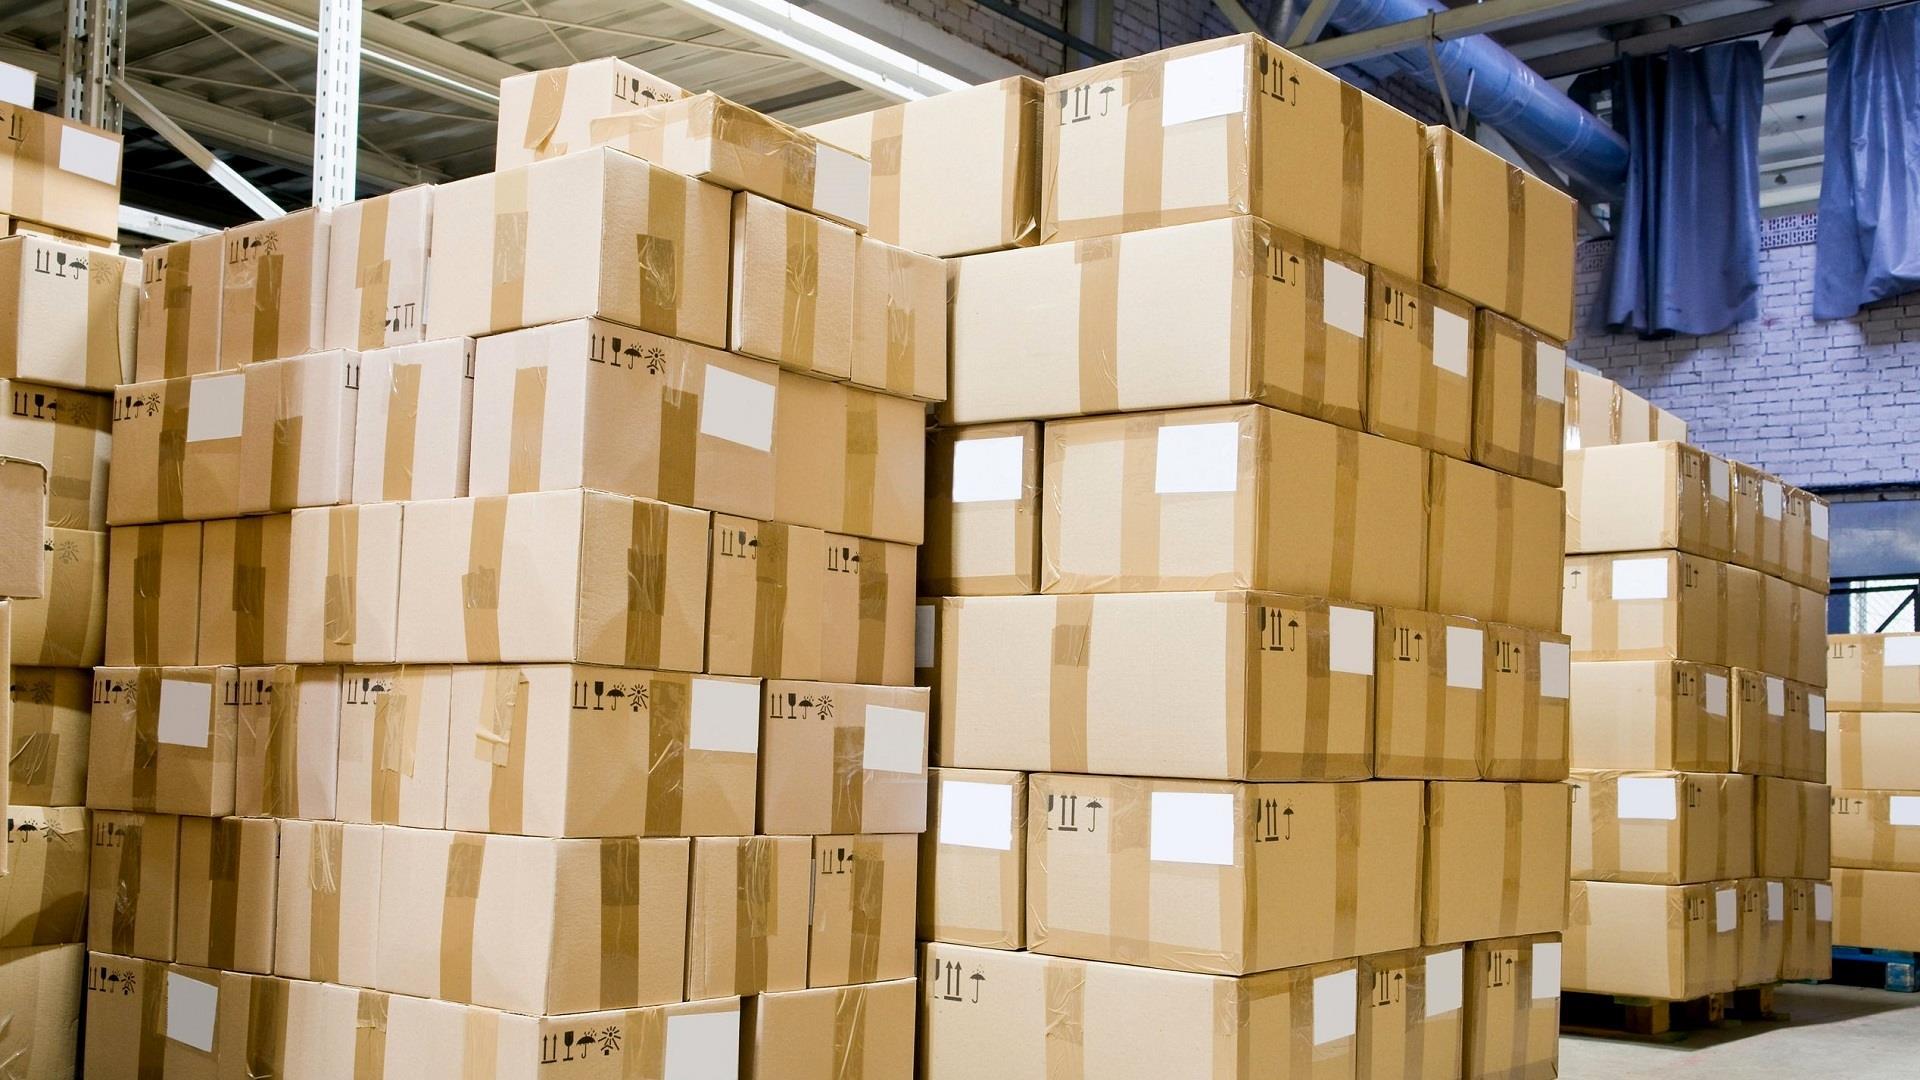 Система прослеживаемости товаров в России заработает только к середине 2019 года